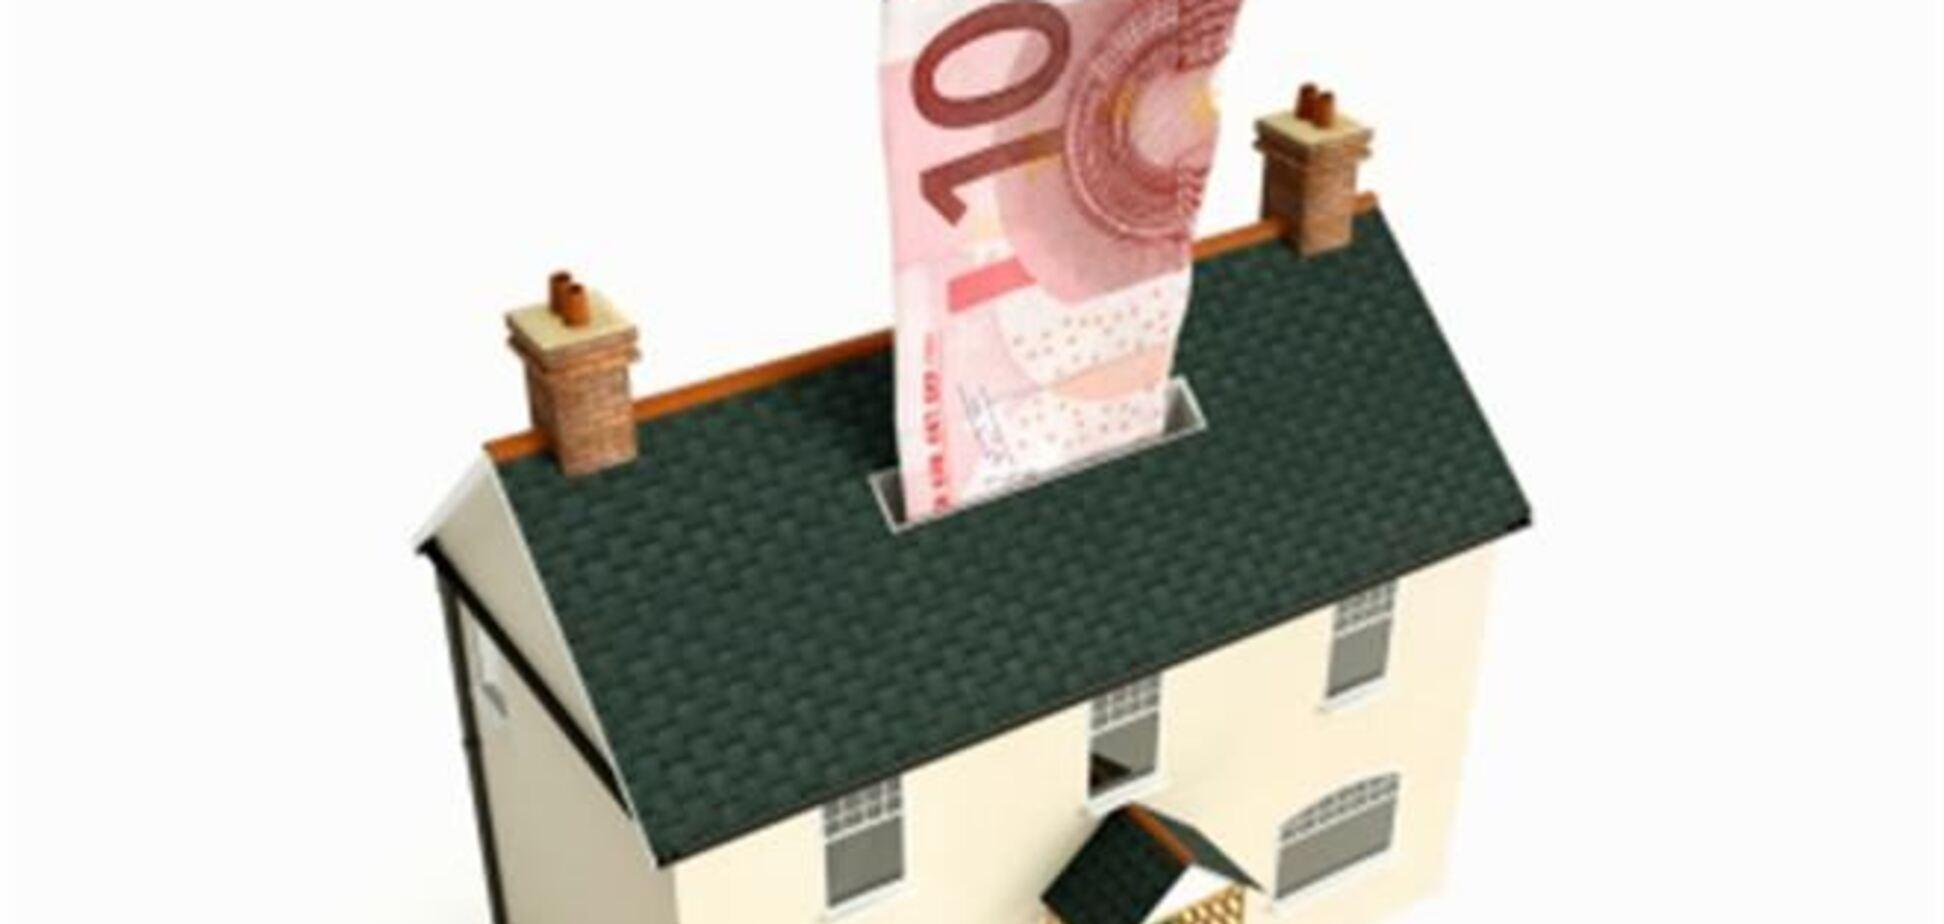 Инвестиции в недвижимость становятся более надежными